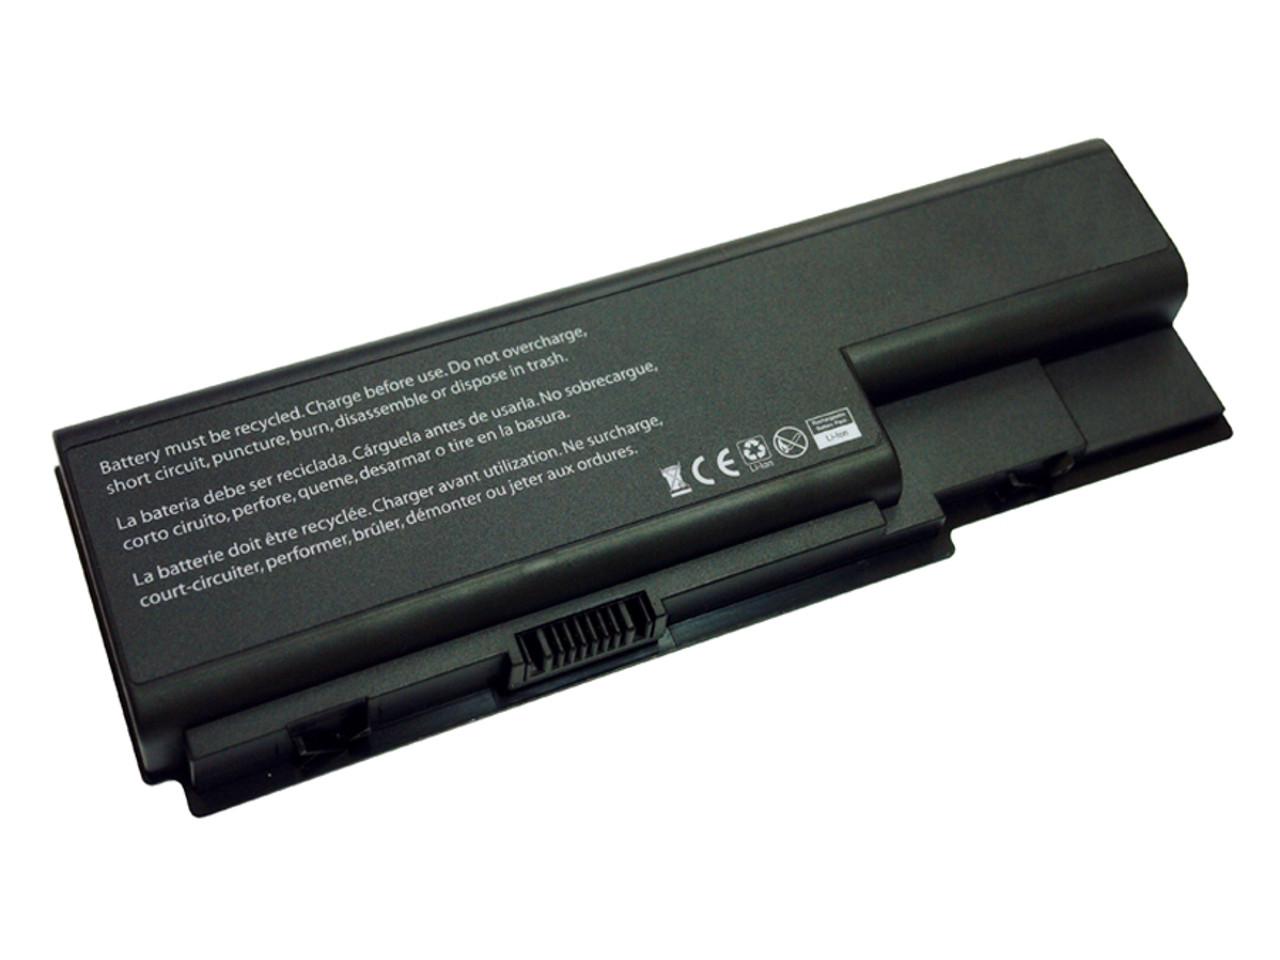 Acer Aspire 5520 5710 5910G 5920 battery